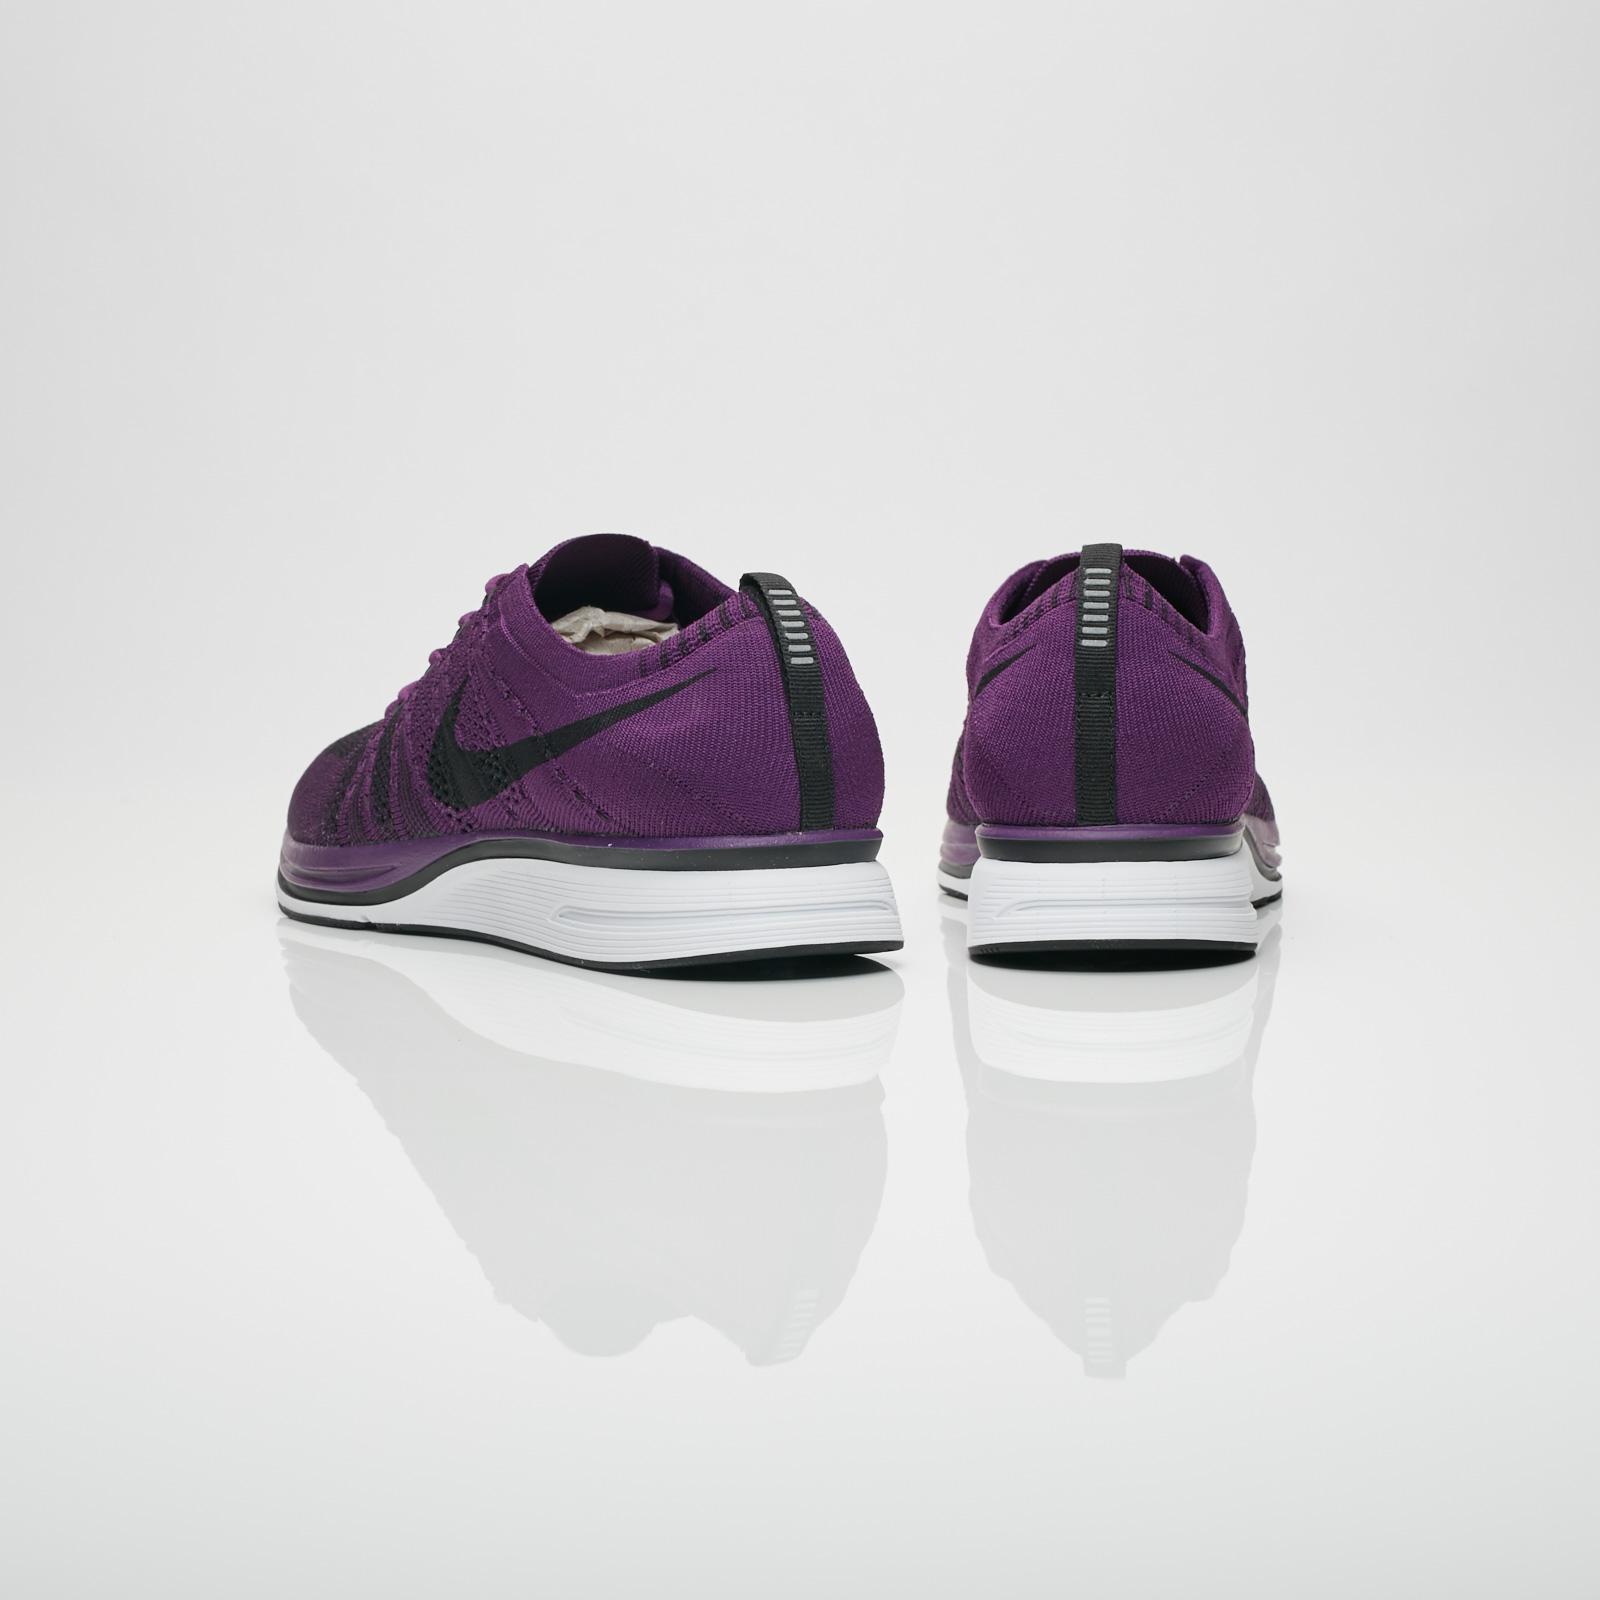 25b510f3e8f1 Nike Flyknit Trainer - Ah8396-500 - Sneakersnstuff